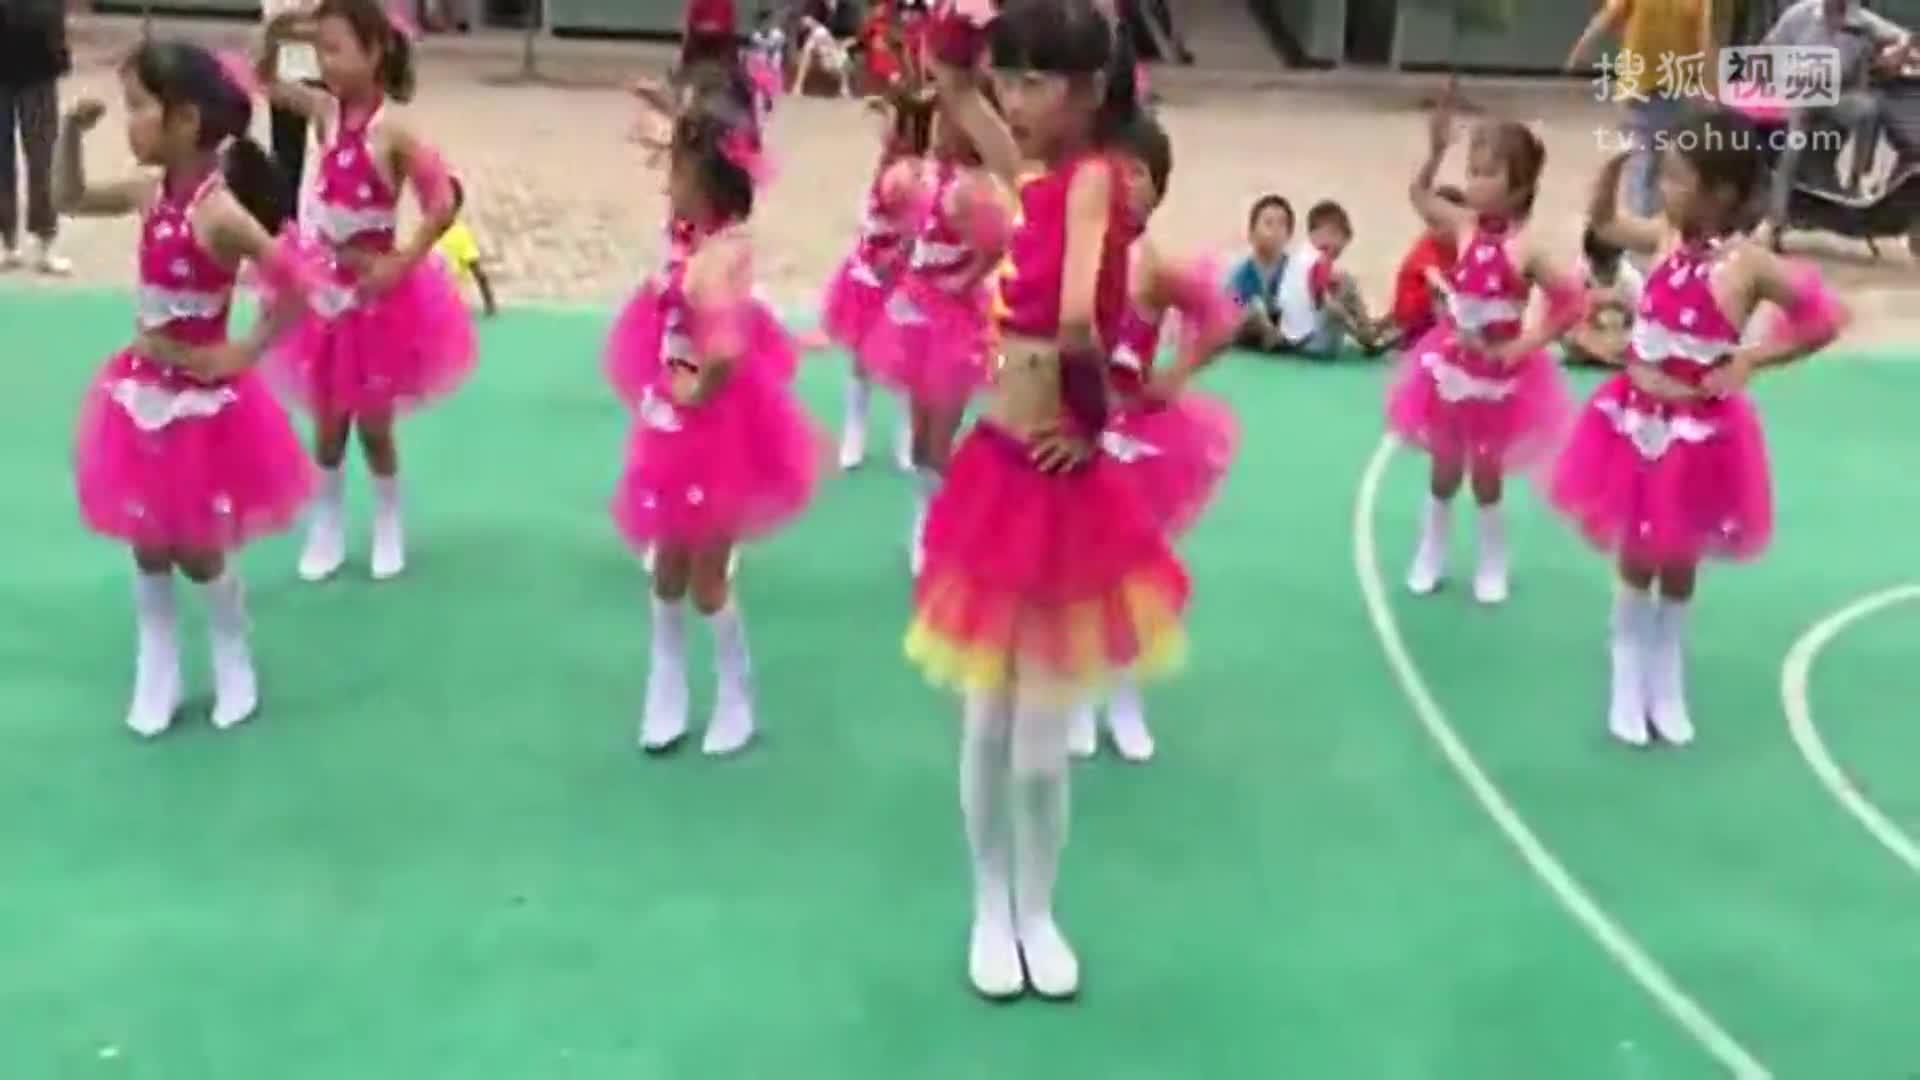 幸福的脸幼儿舞蹈视频 小学幼儿舞蹈《幸福的脸》-全球无敌八挂王.